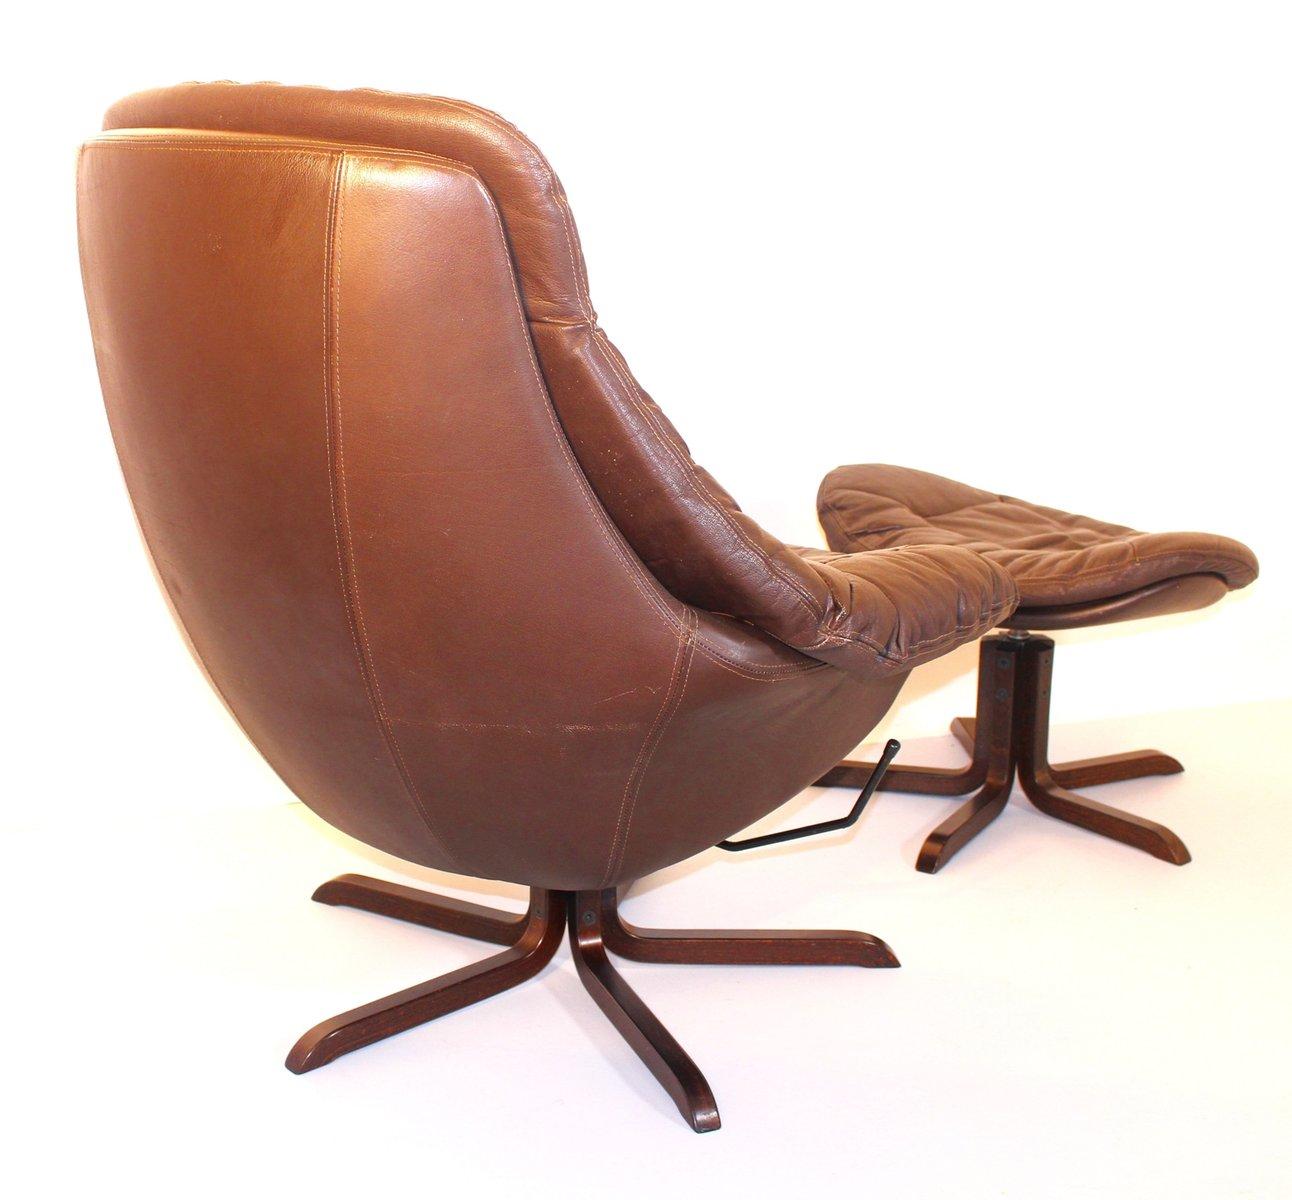 leder lounge sessel mit fu hocker von h w klein 1970er bei pamono kaufen. Black Bedroom Furniture Sets. Home Design Ideas